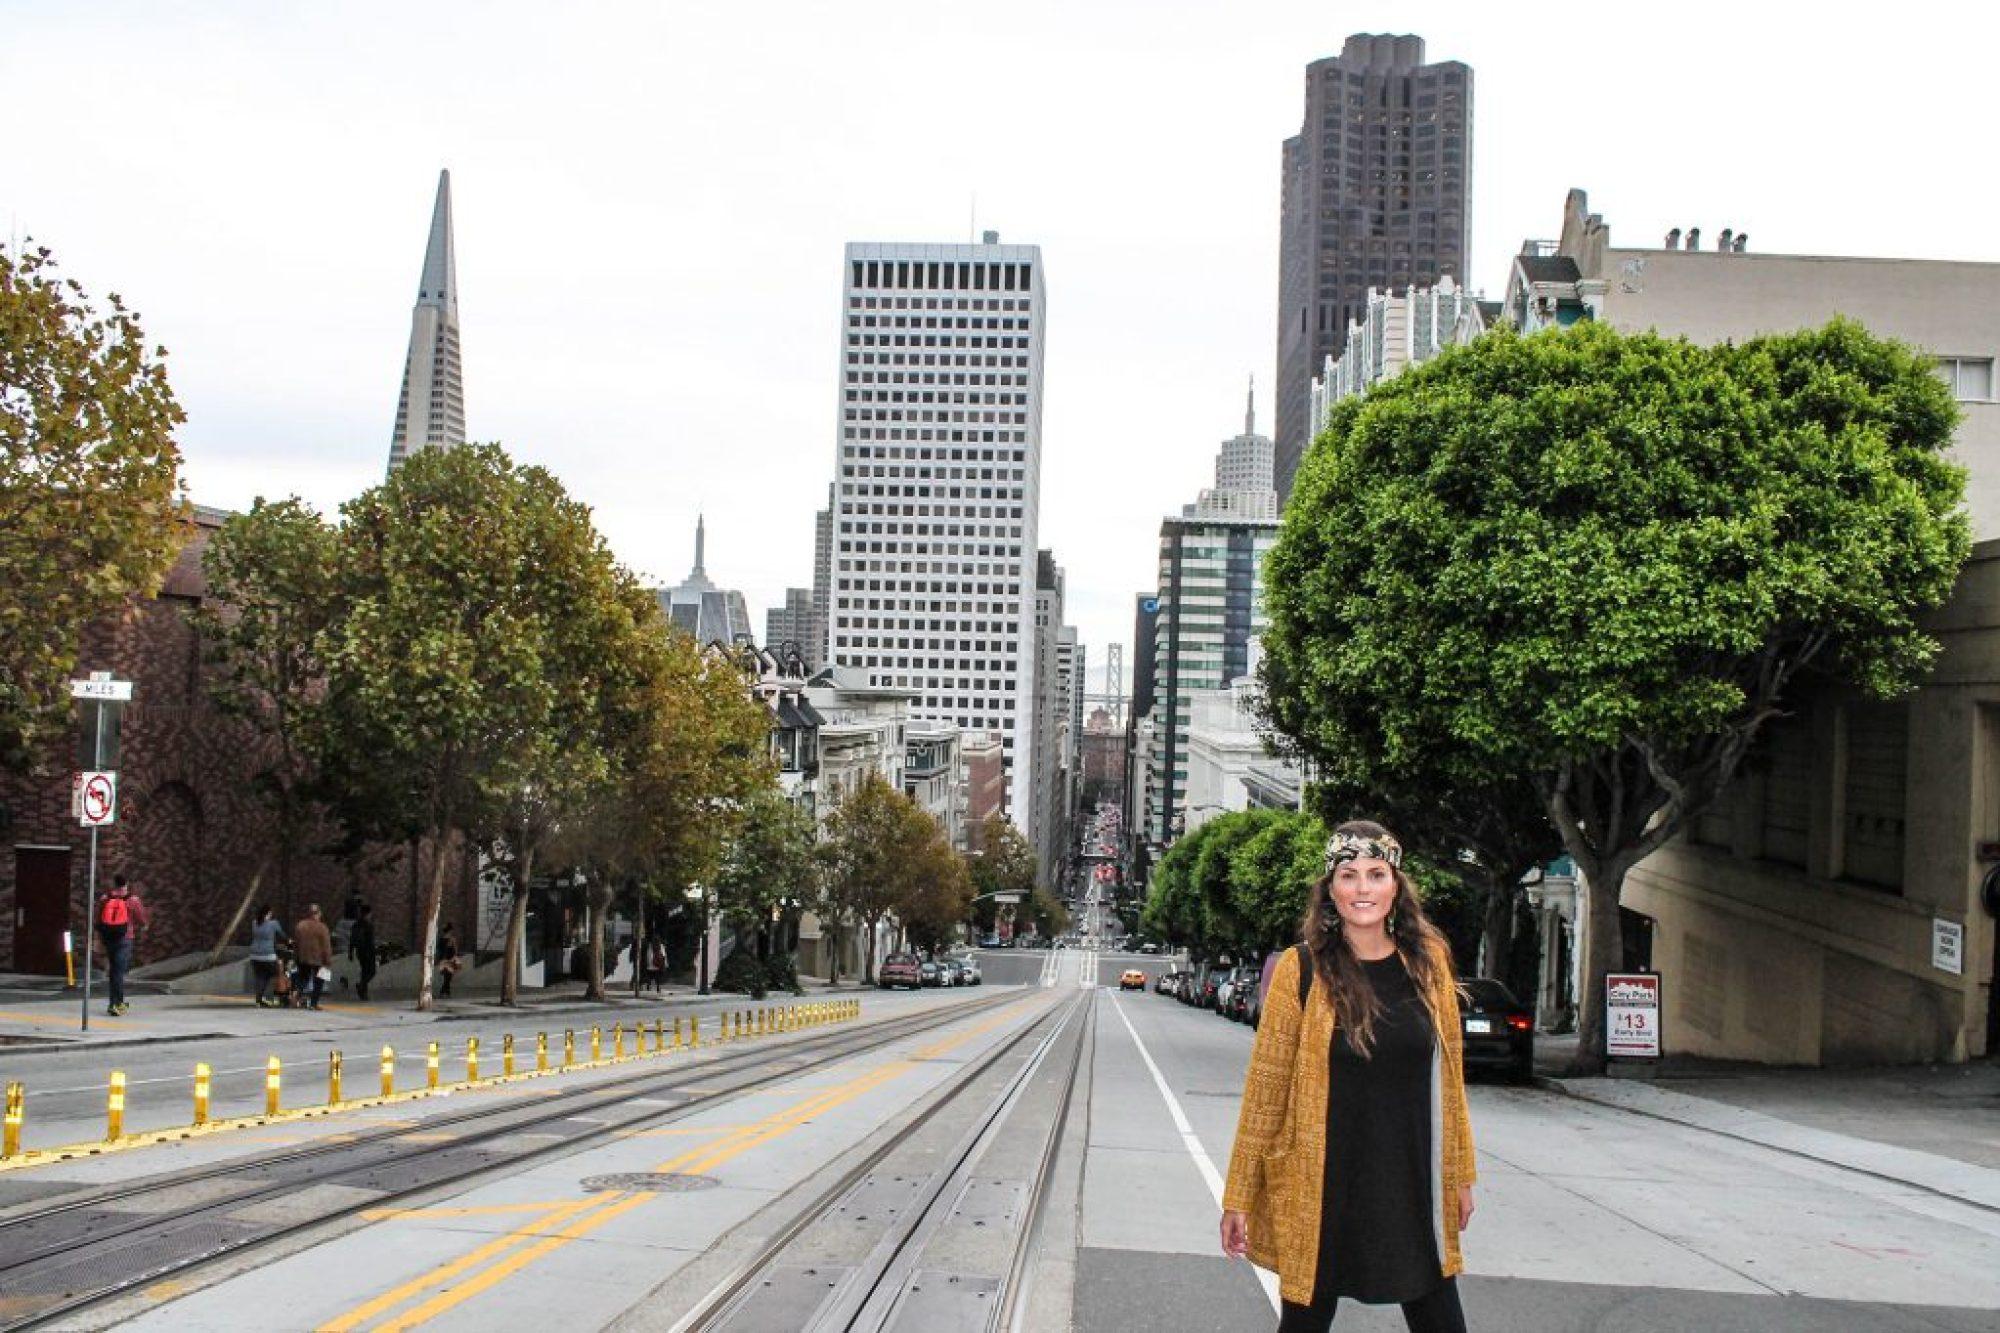 Tranvías de San Francisco-7